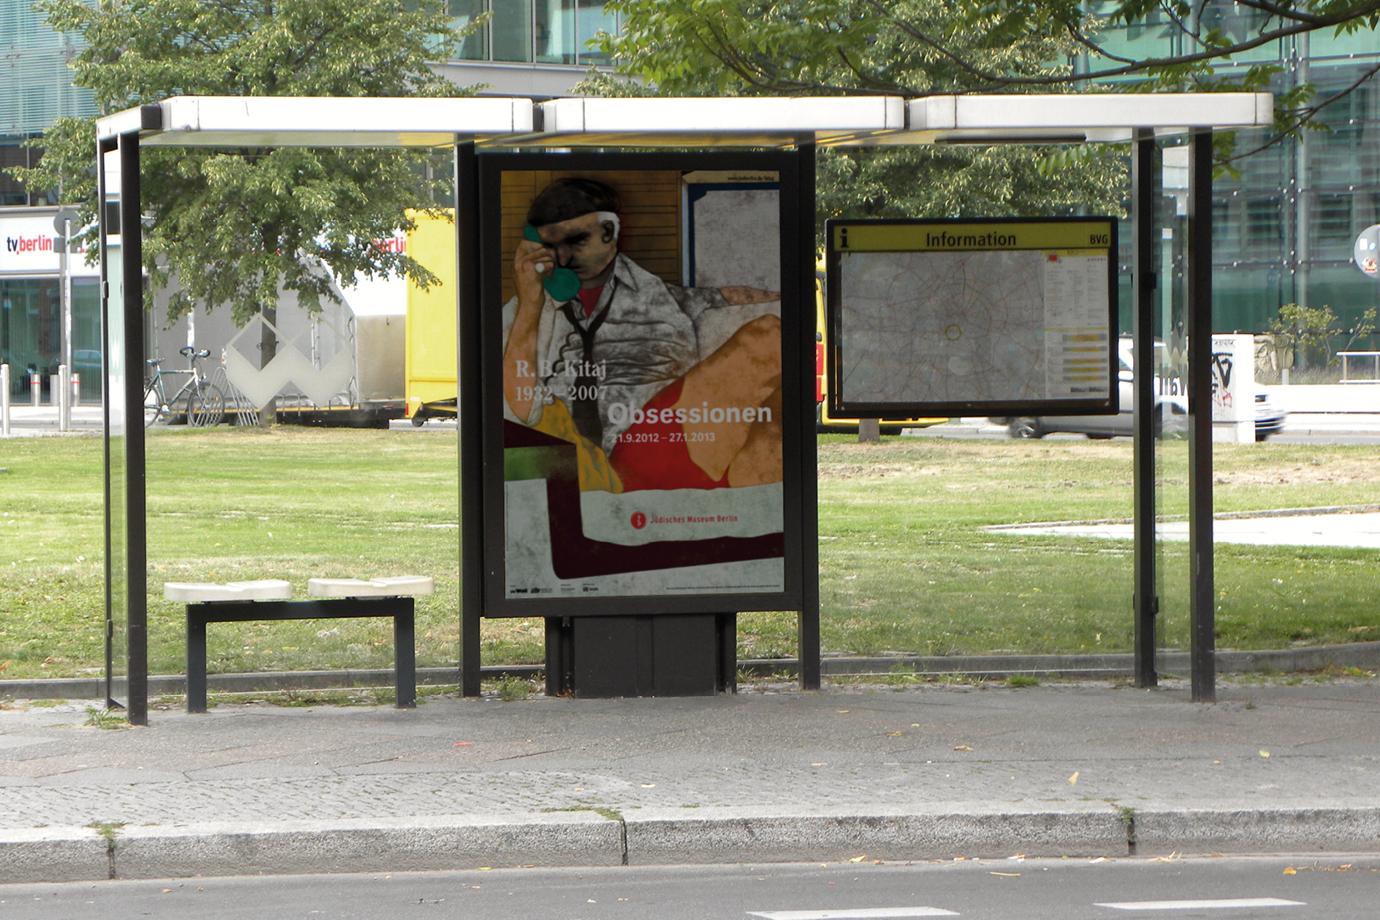 http://e-o-t.de/wordpress/wp-content/uploads/2017/06/eot-2012-Kitaj-Poster-6.jpg